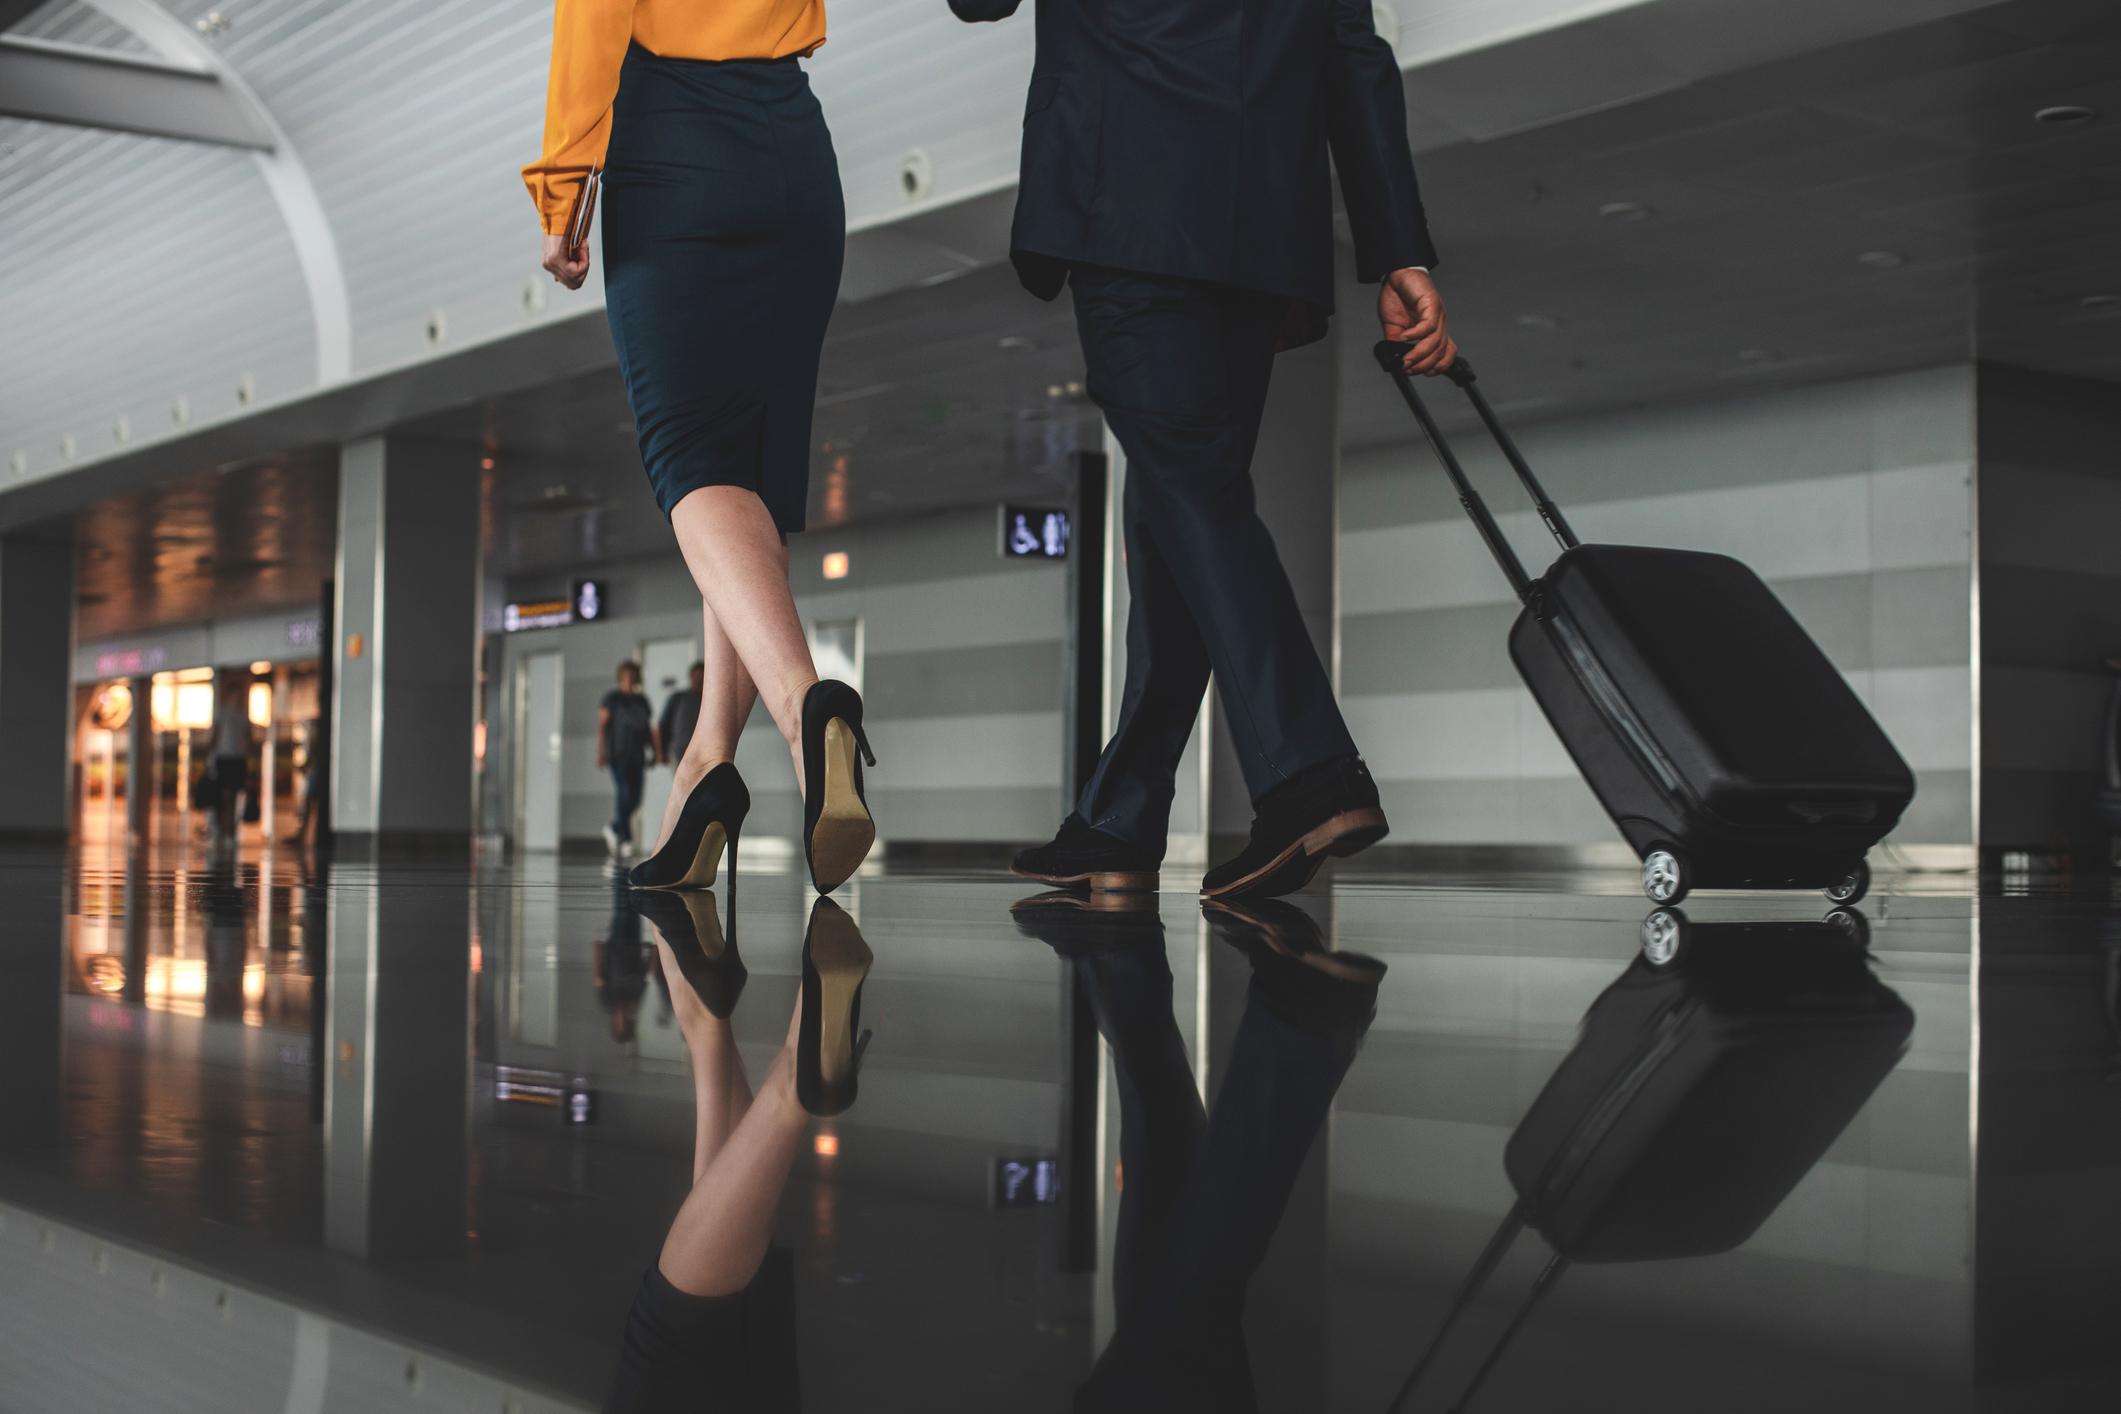 Příruční zavazadlo na letišti